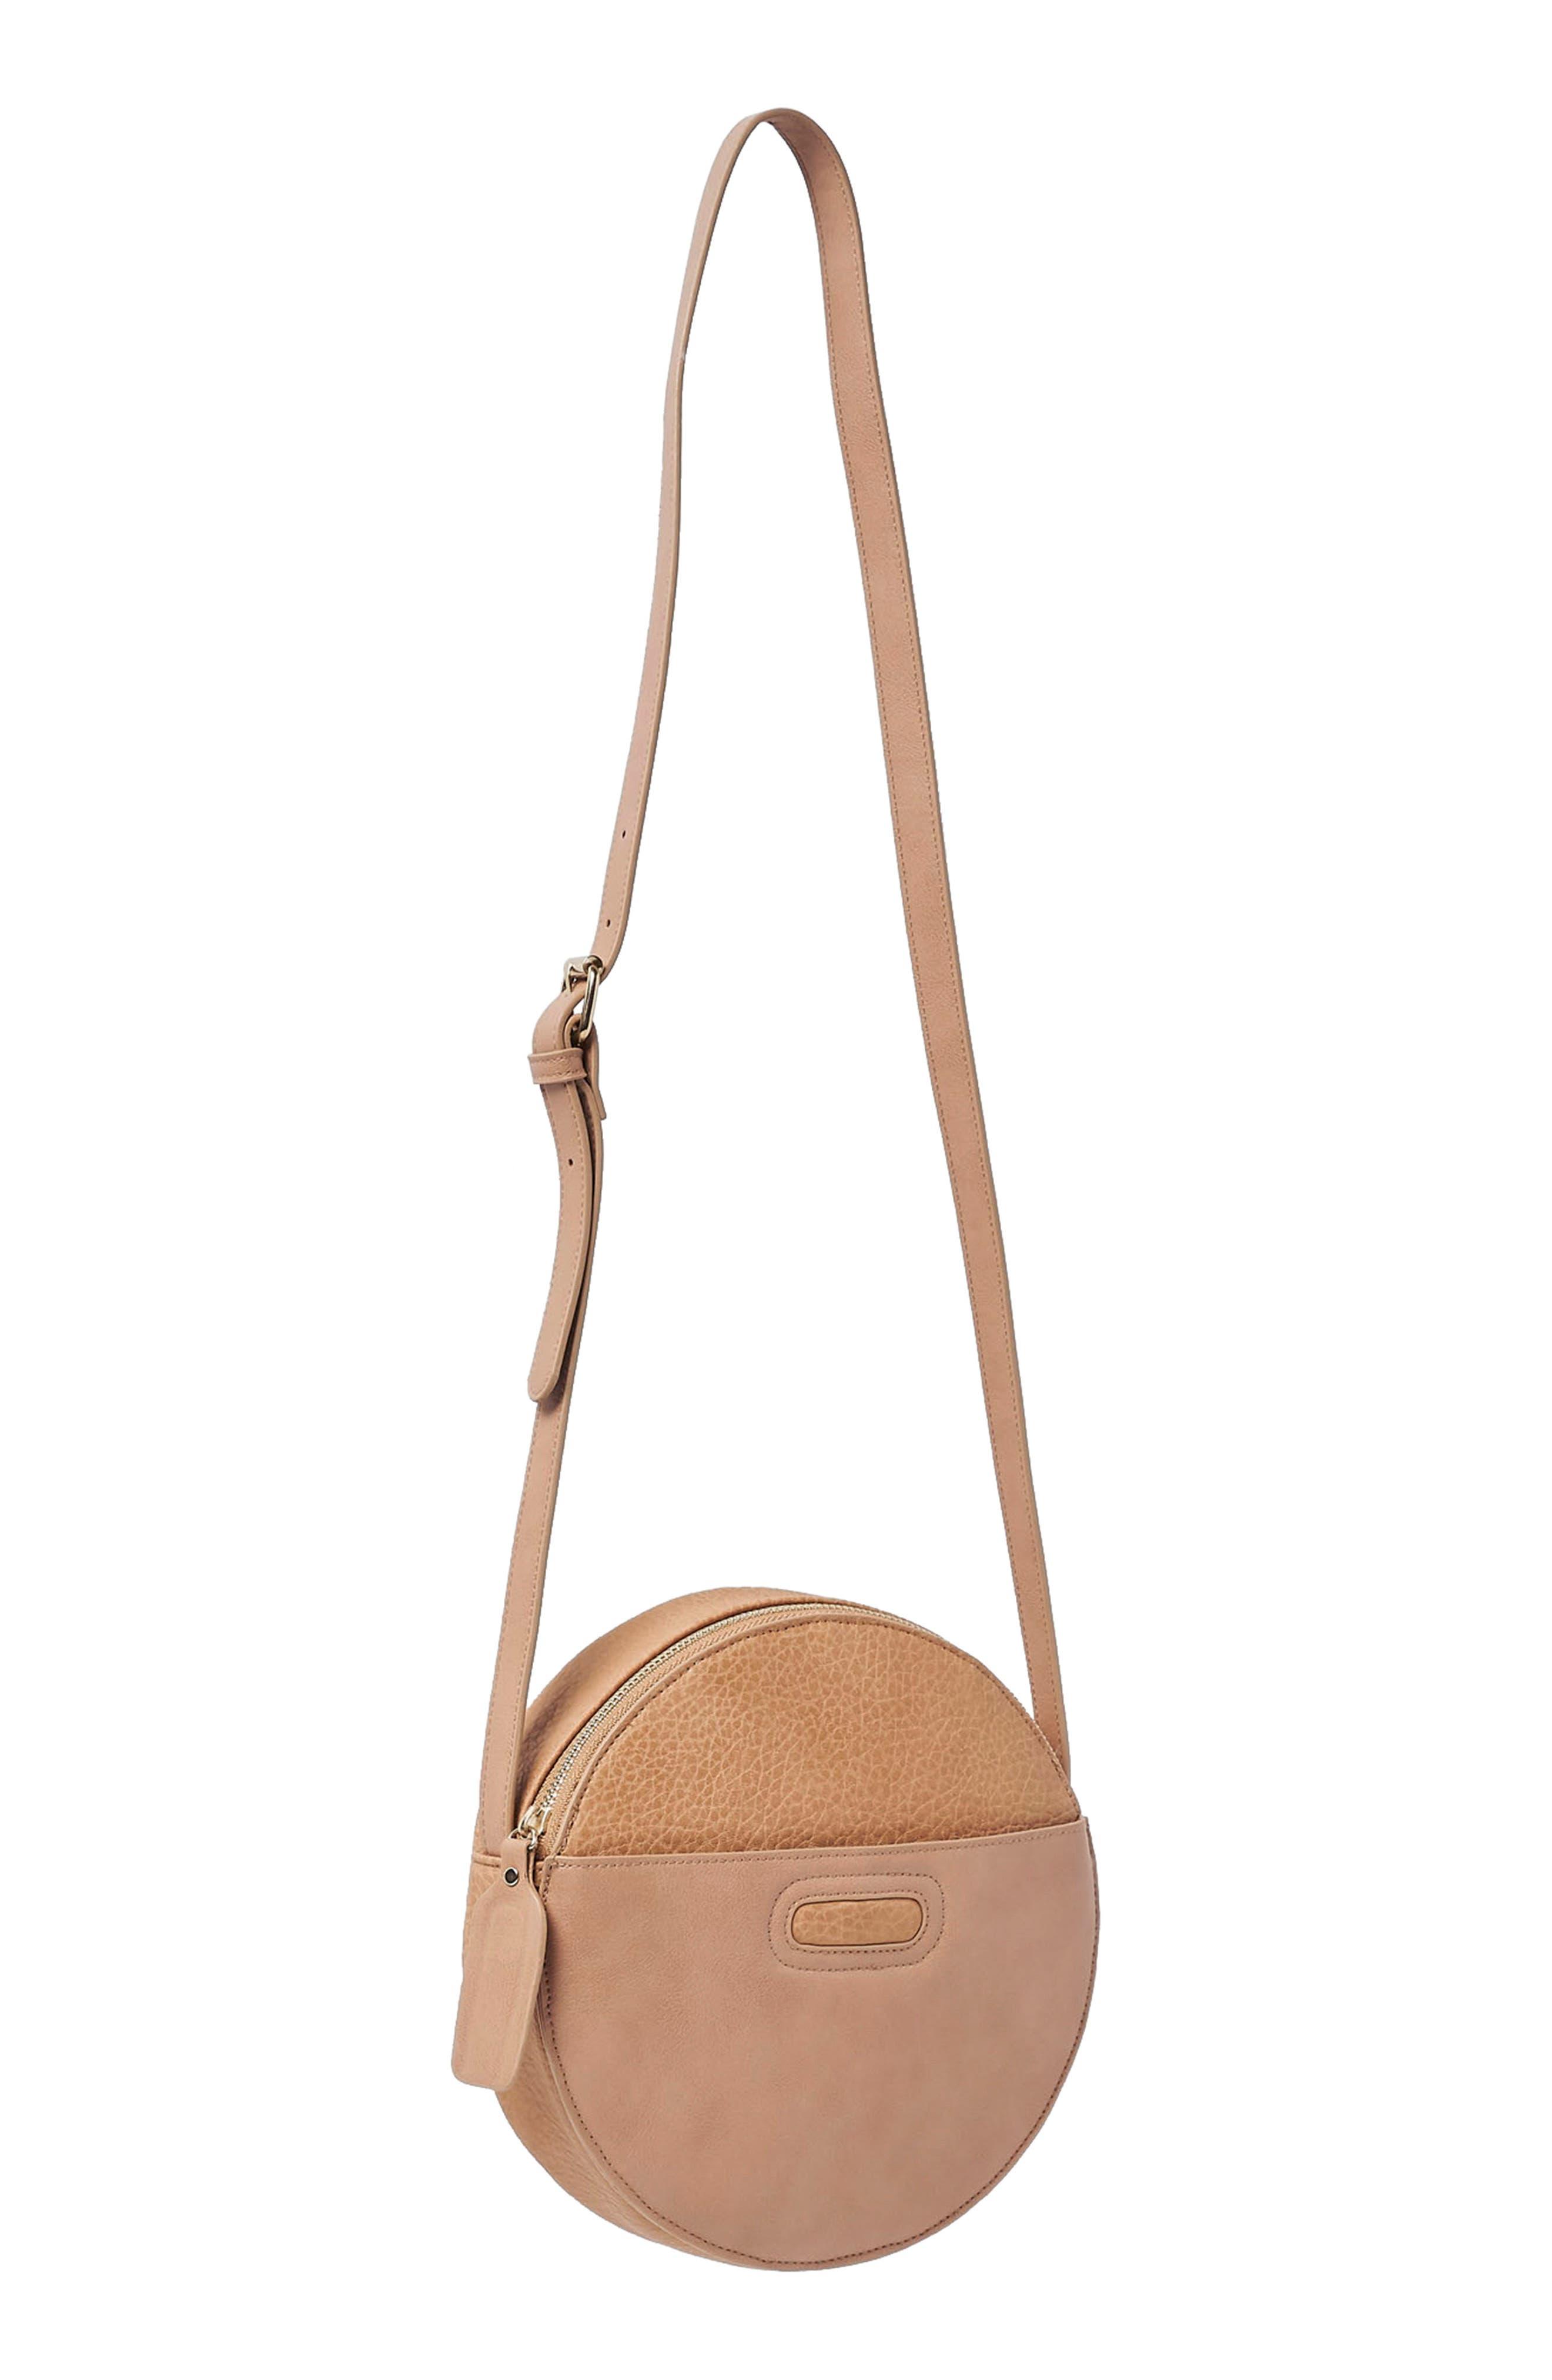 URBAN ORIGINALS,                             Carousel Vegan Leather Crossbody Bag,                             Alternate thumbnail 3, color,                             LATTE